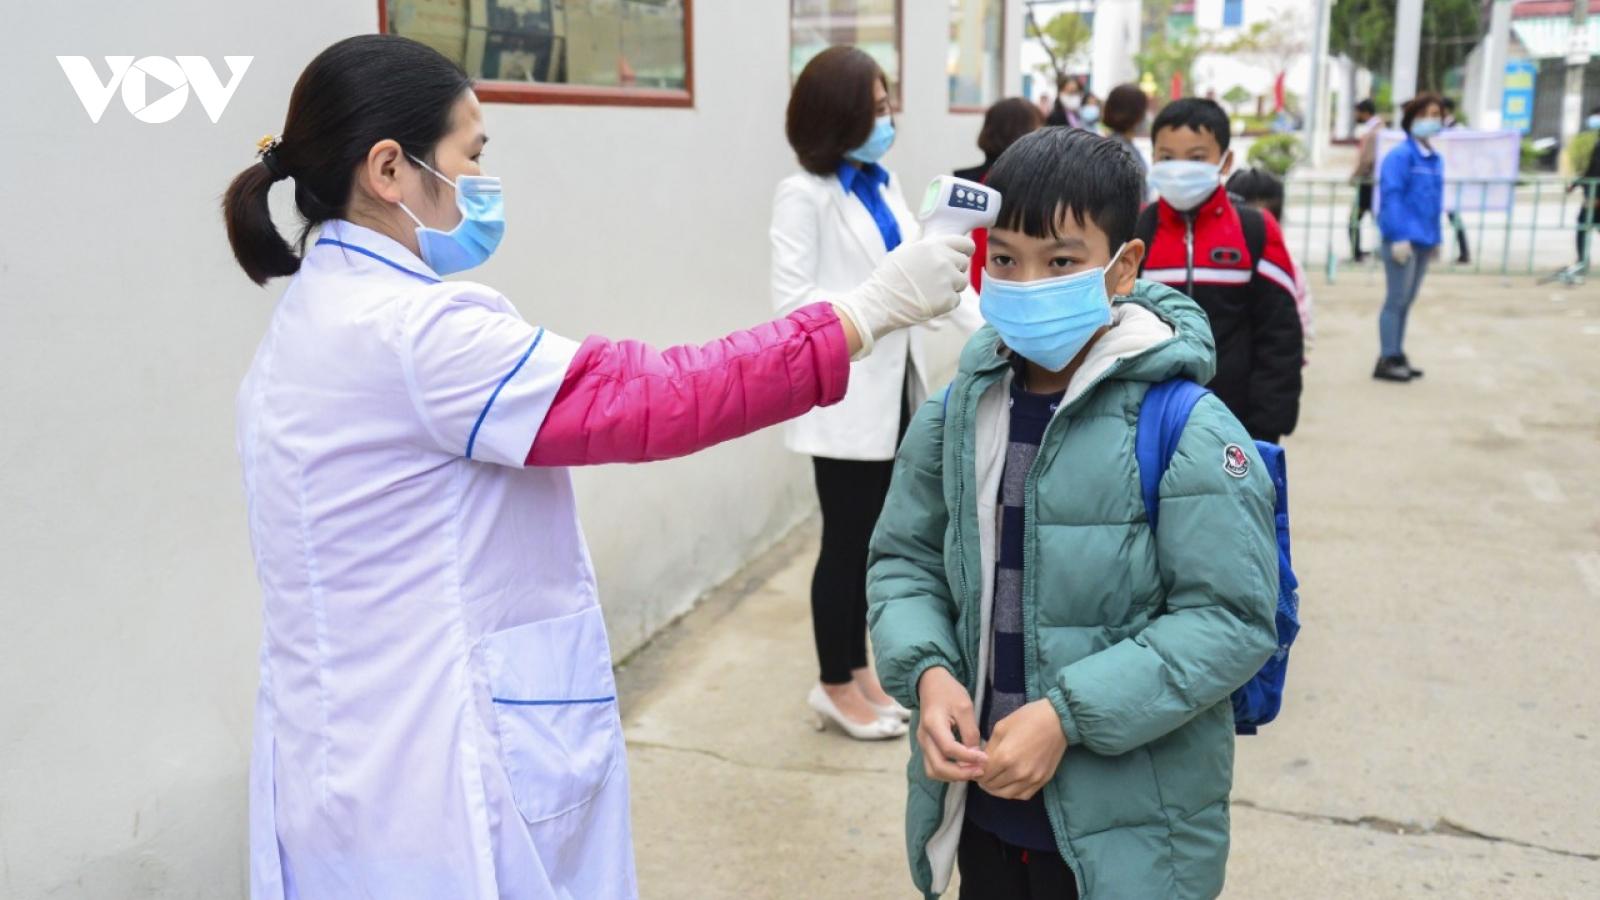 Ngày đầu tiên học sinh Điện Biên đi học trở lại sau kỳ nghỉ Tết nguyên đán